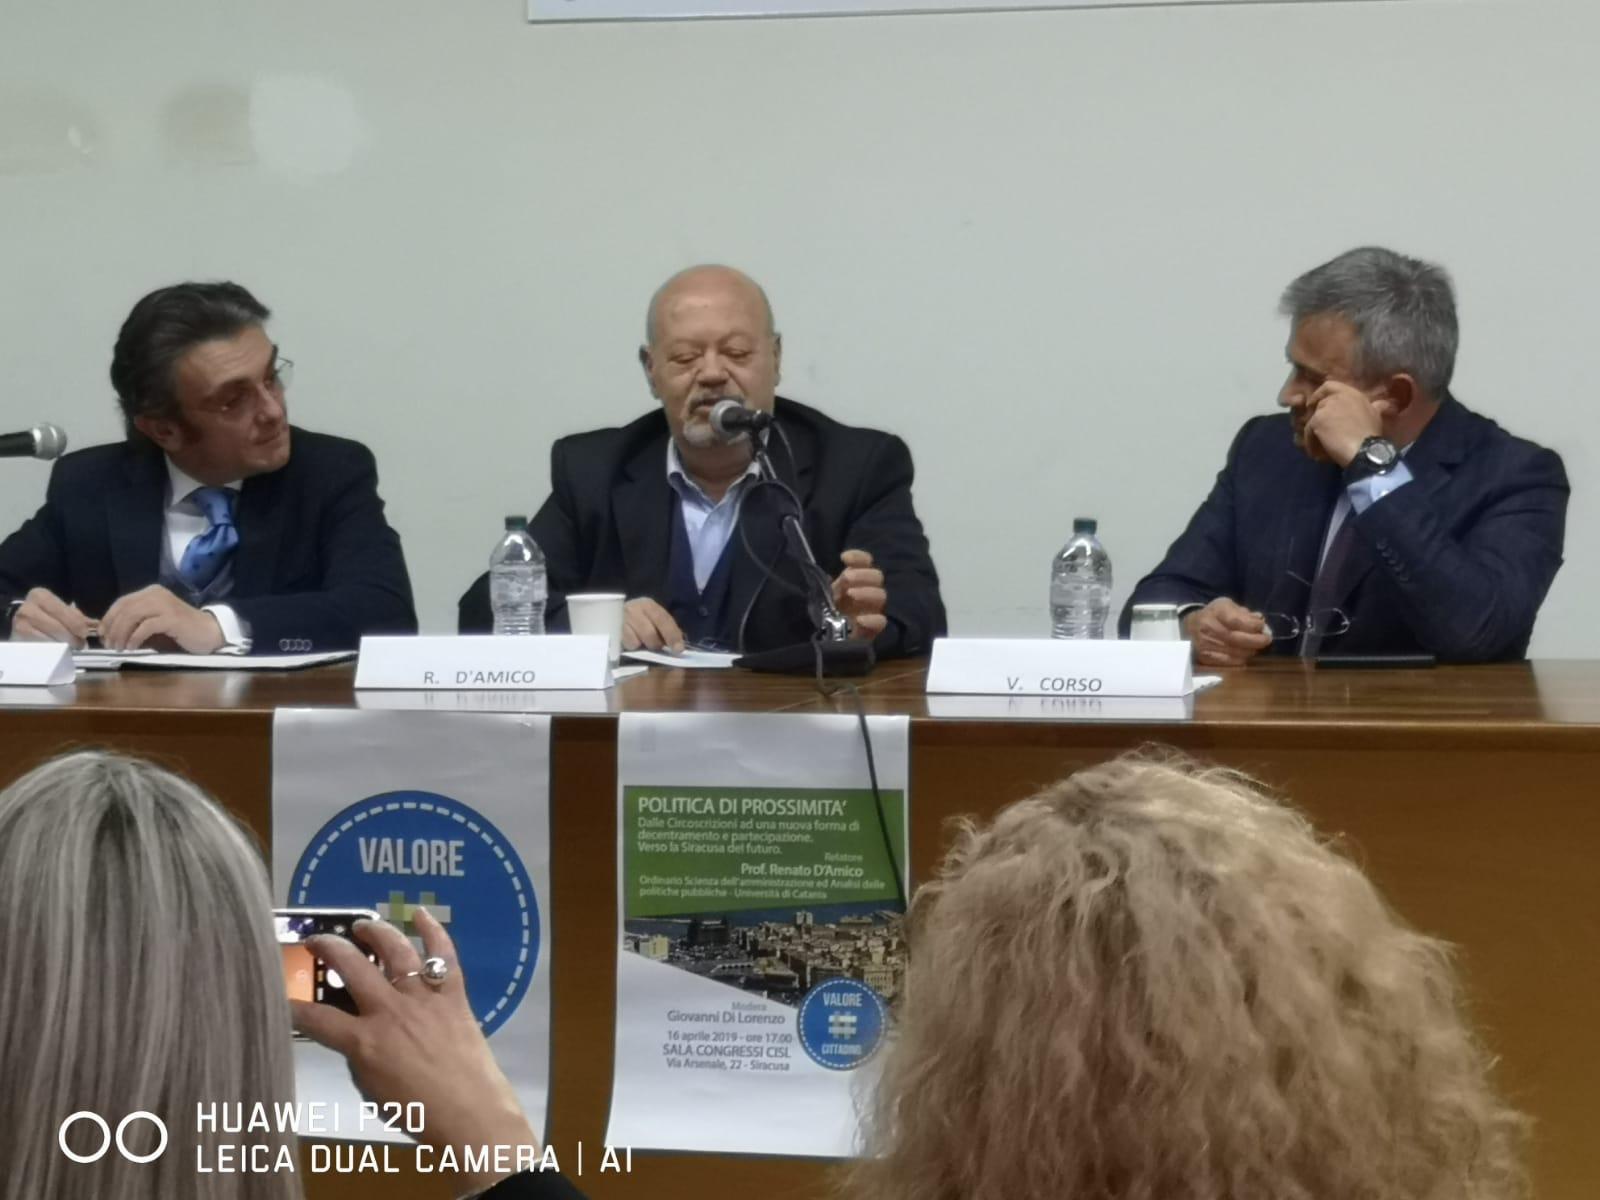 Comunicato stampa dell'Associazione Valore Cittadino.